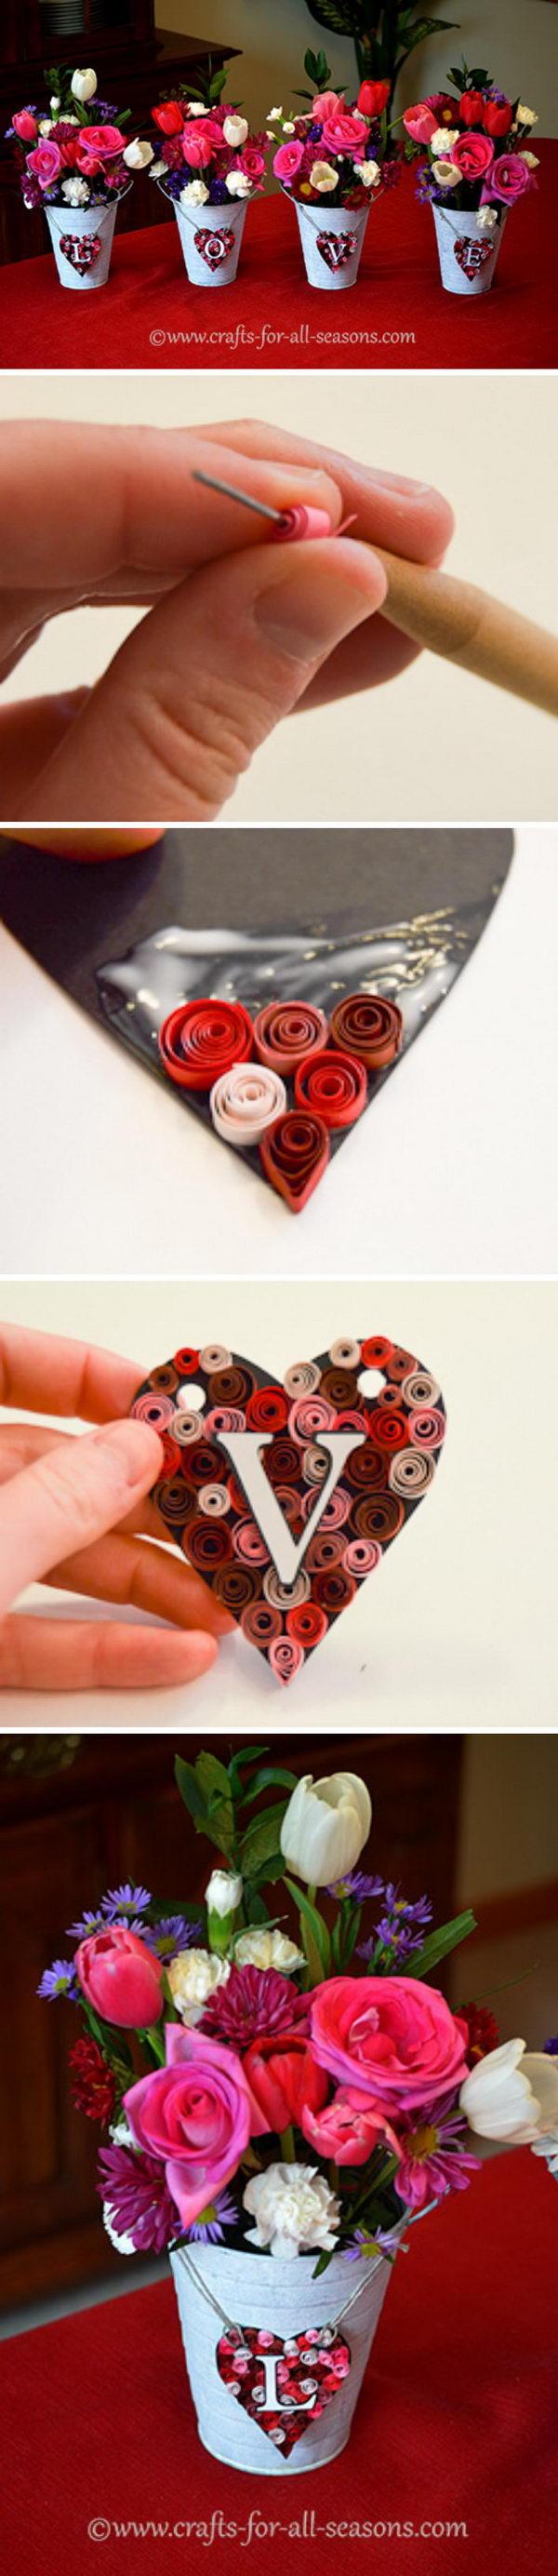 DIY Valentine's Day Floral Arrangement.